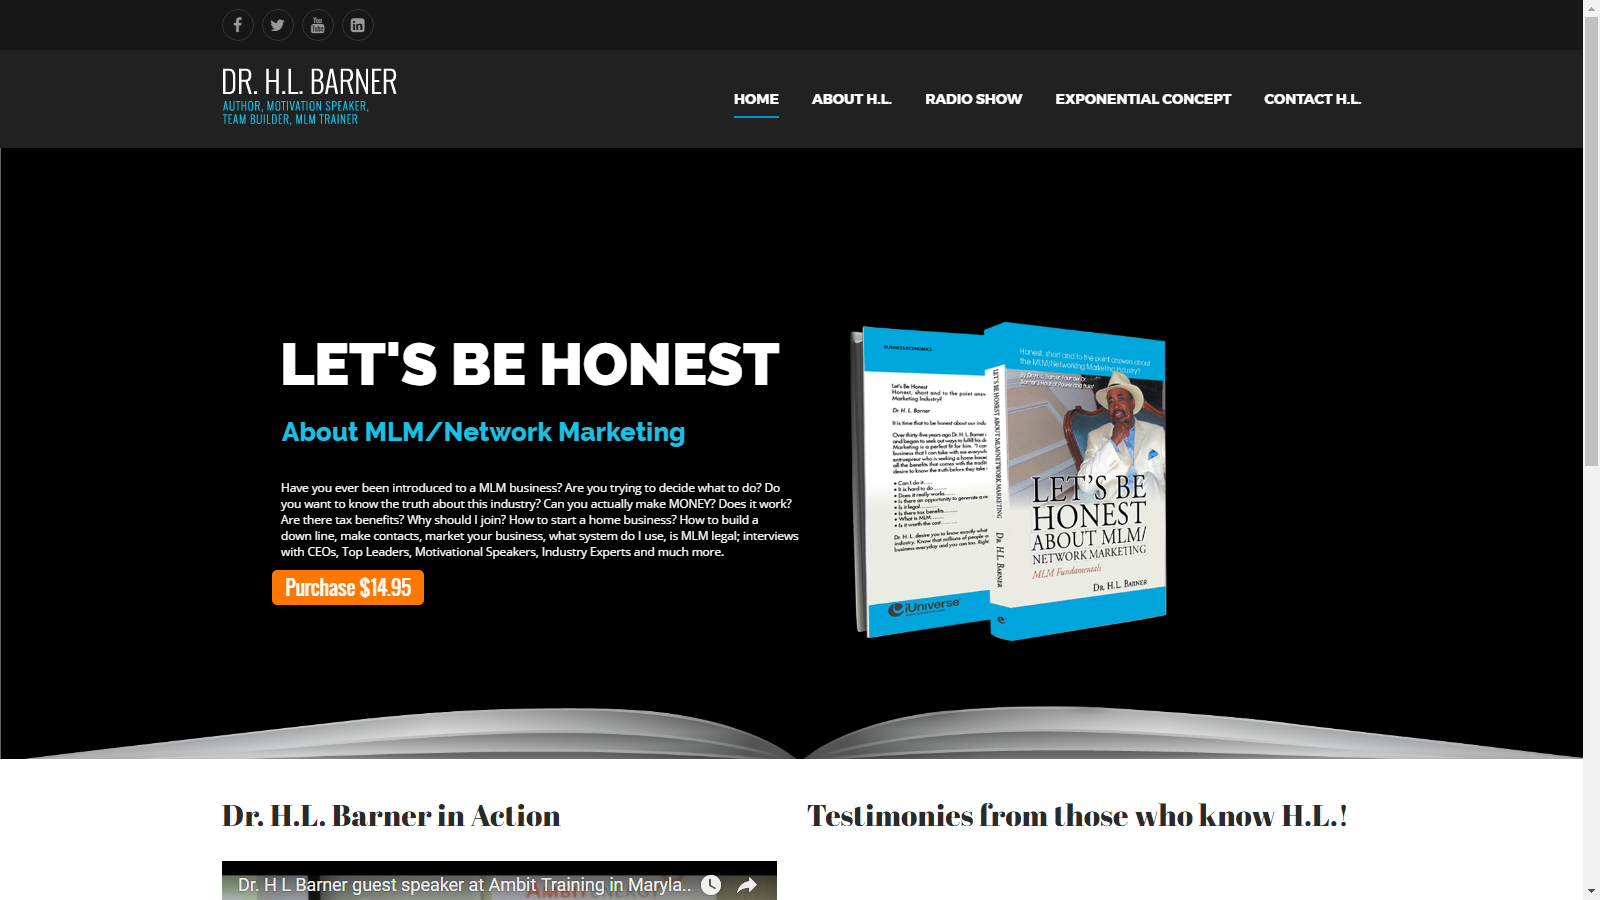 Dr. H.L. Barner Website